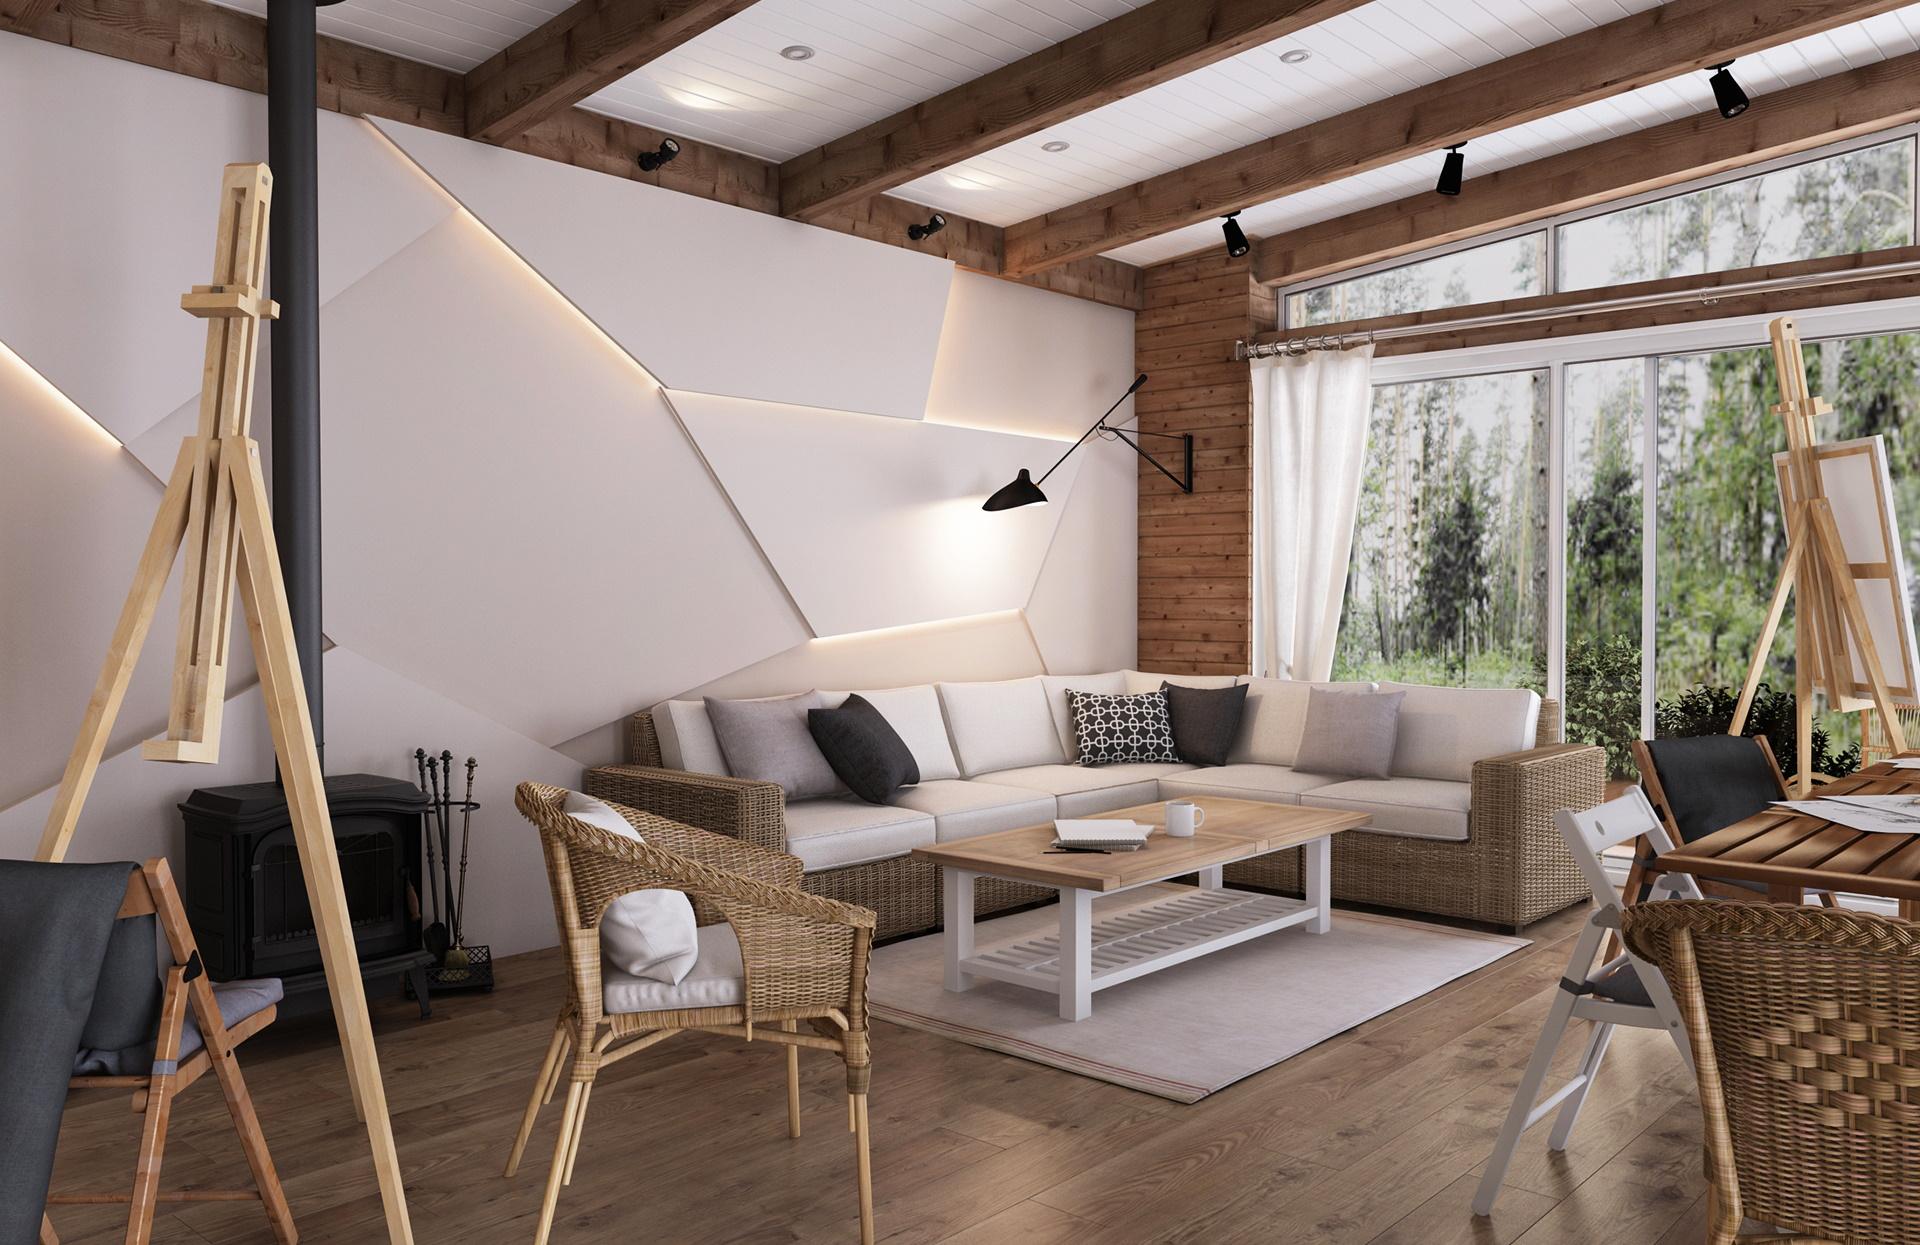 Дизайн квартиры-студии 24 кв. метра (46 фото): интерьер кухн.